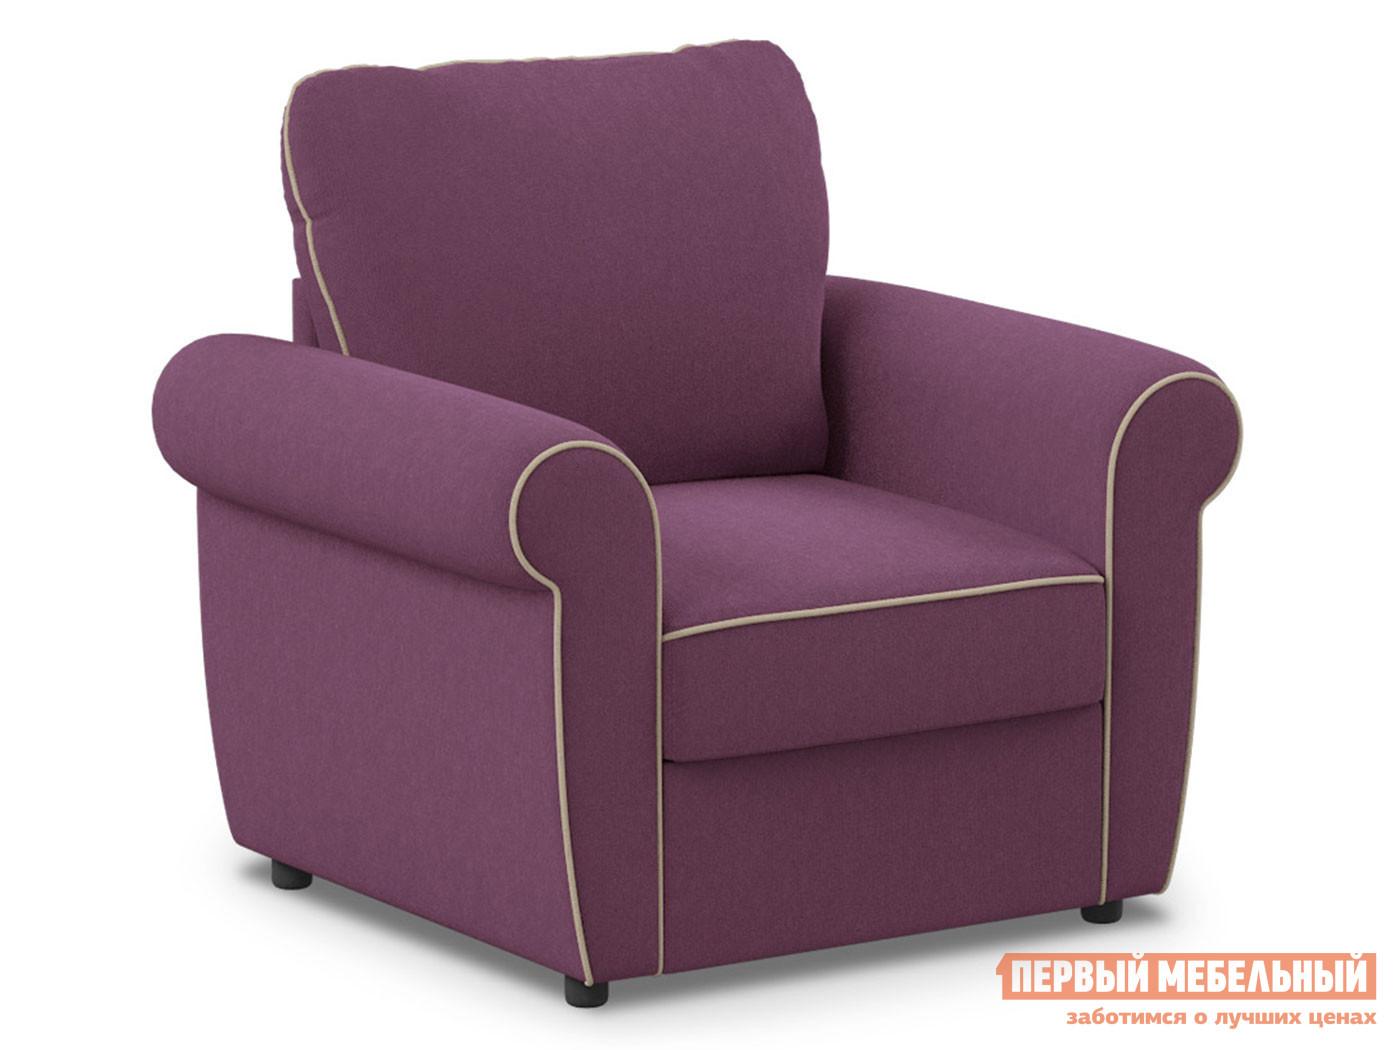 Кресло Первый Мебельный Кресло Догвиль кресло первый мебельный либерти